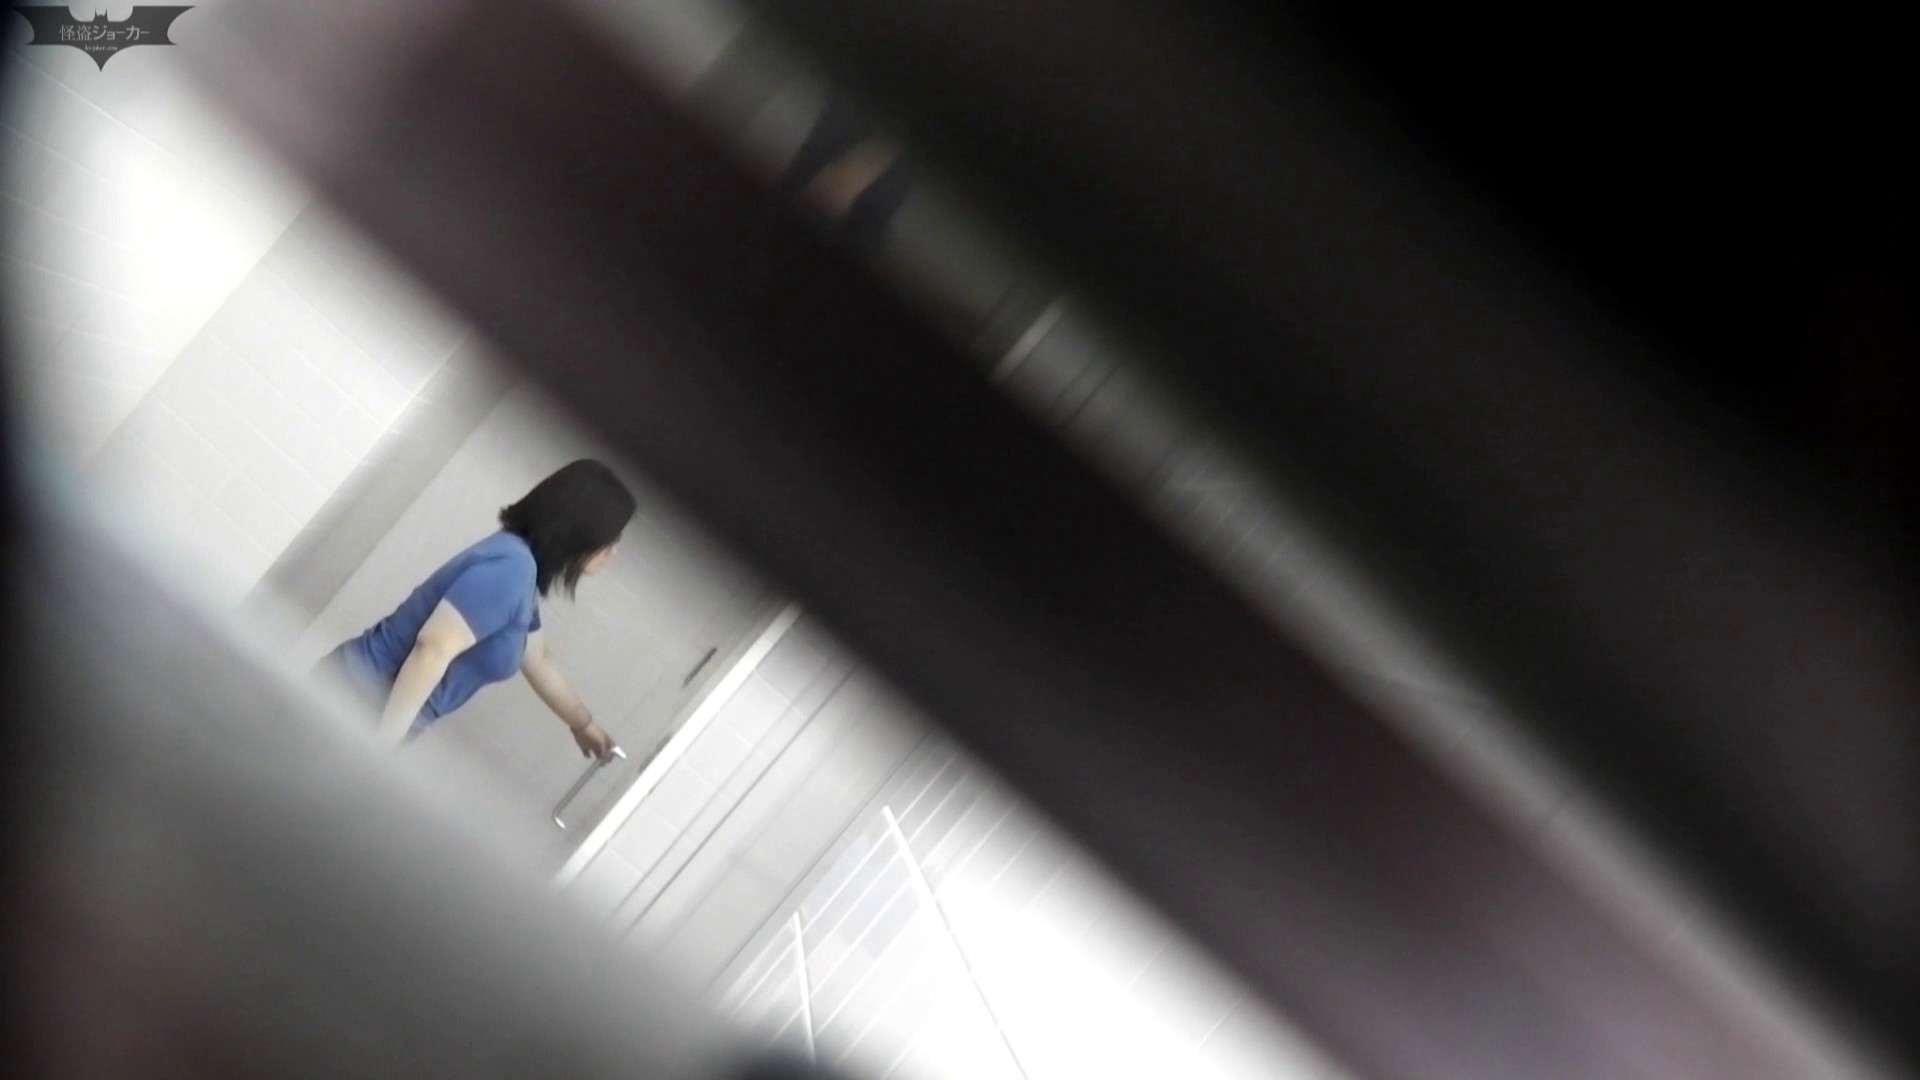 おまんこ:お銀 vol.68 無謀に通路に飛び出て一番明るいフロント撮り実現、見所満載:怪盗ジョーカー